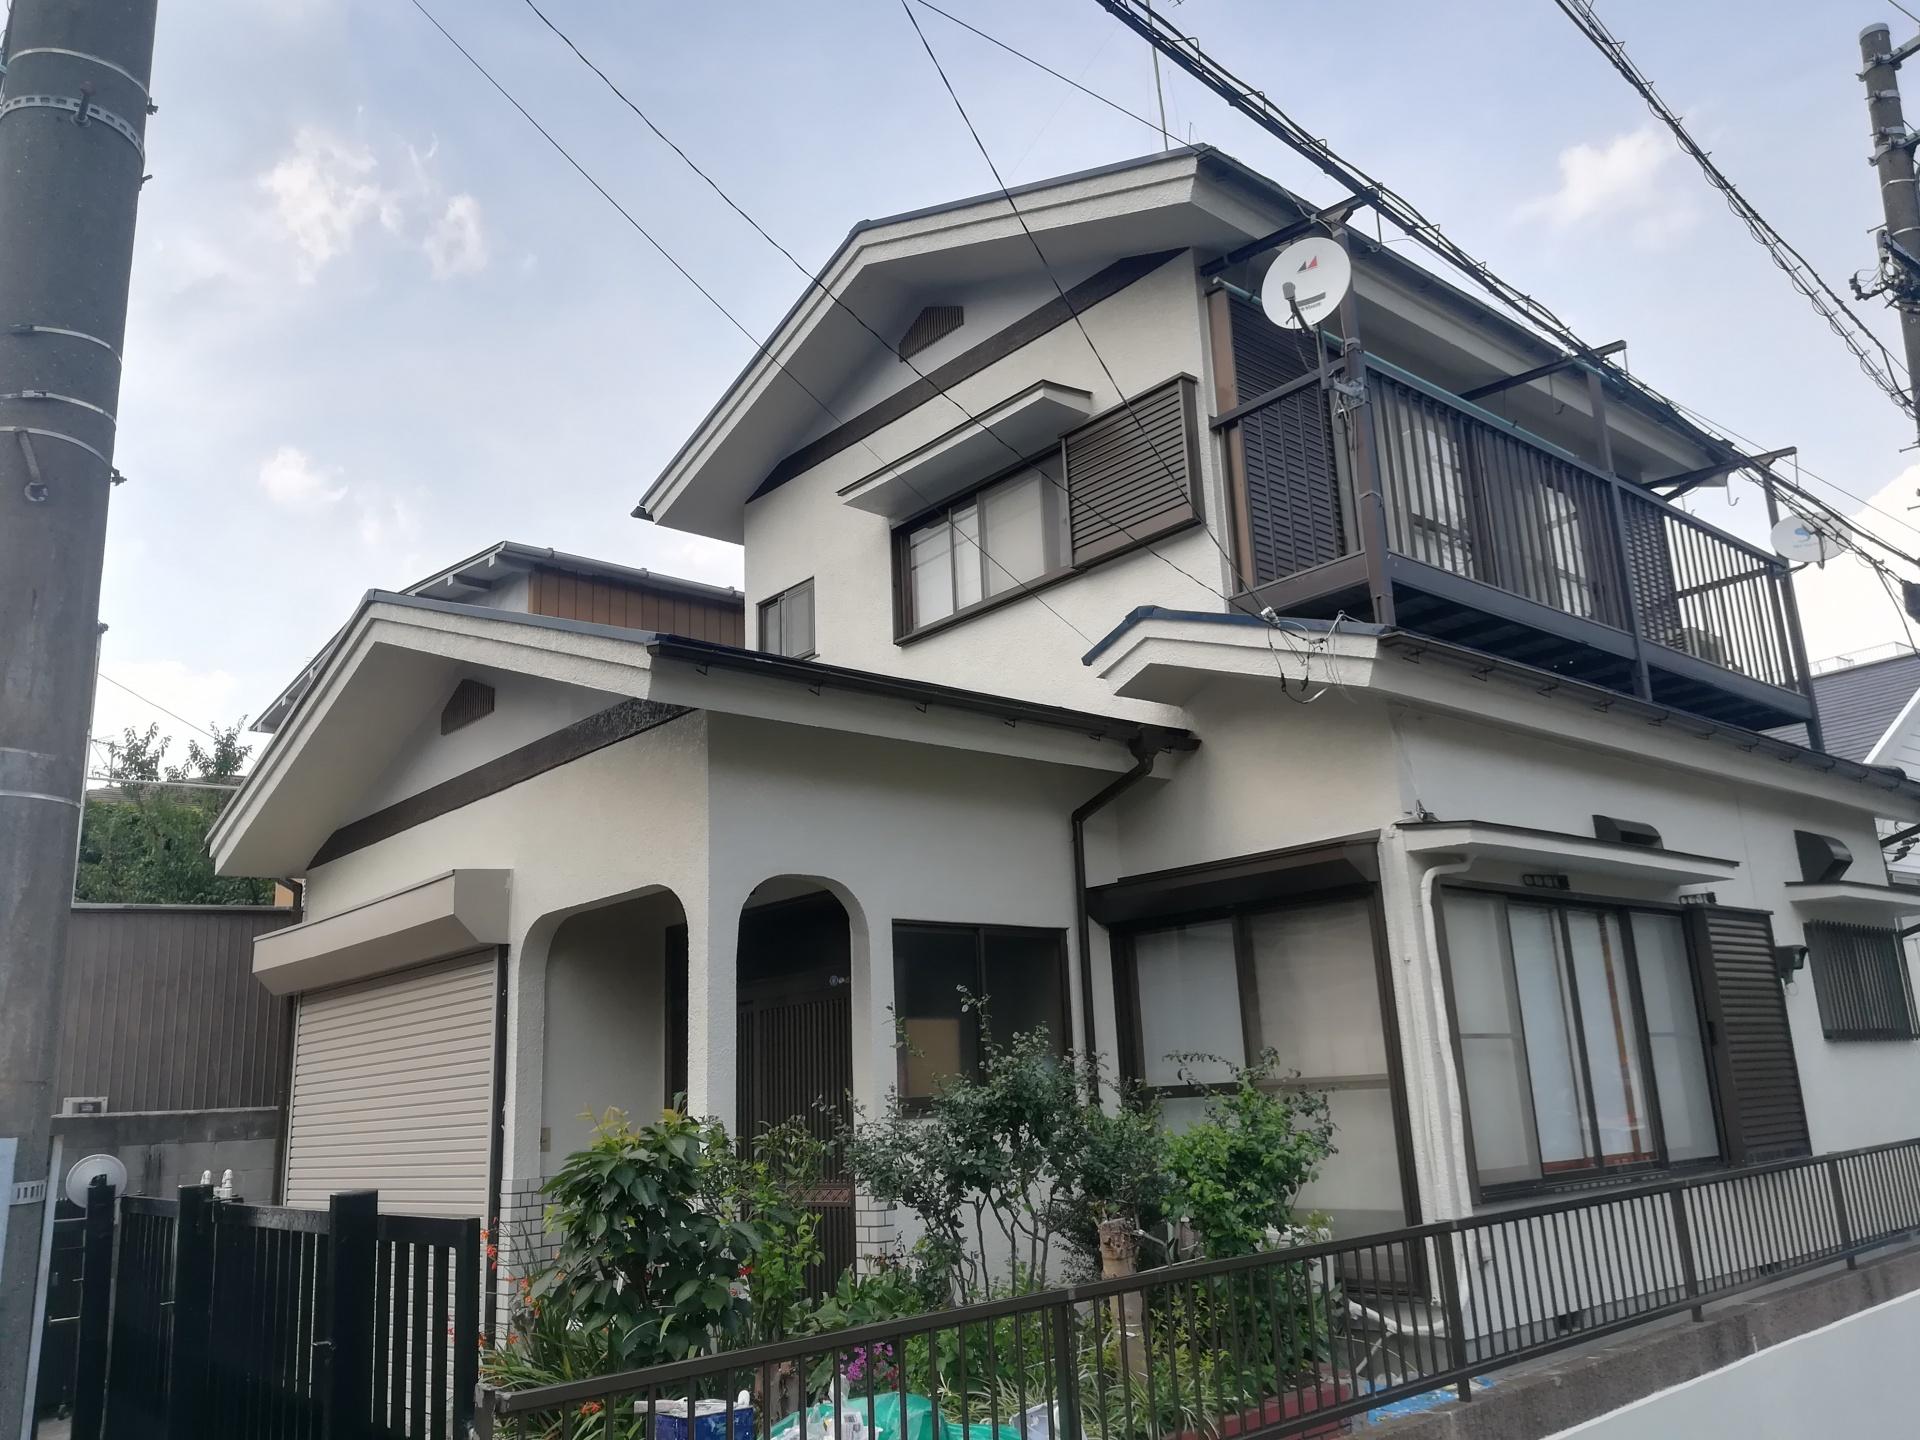 横浜市鶴見区の屋根外壁塗装、築35年の建物をパーフェクトトップ「ND-108」で見栄えを一新、施工後写真